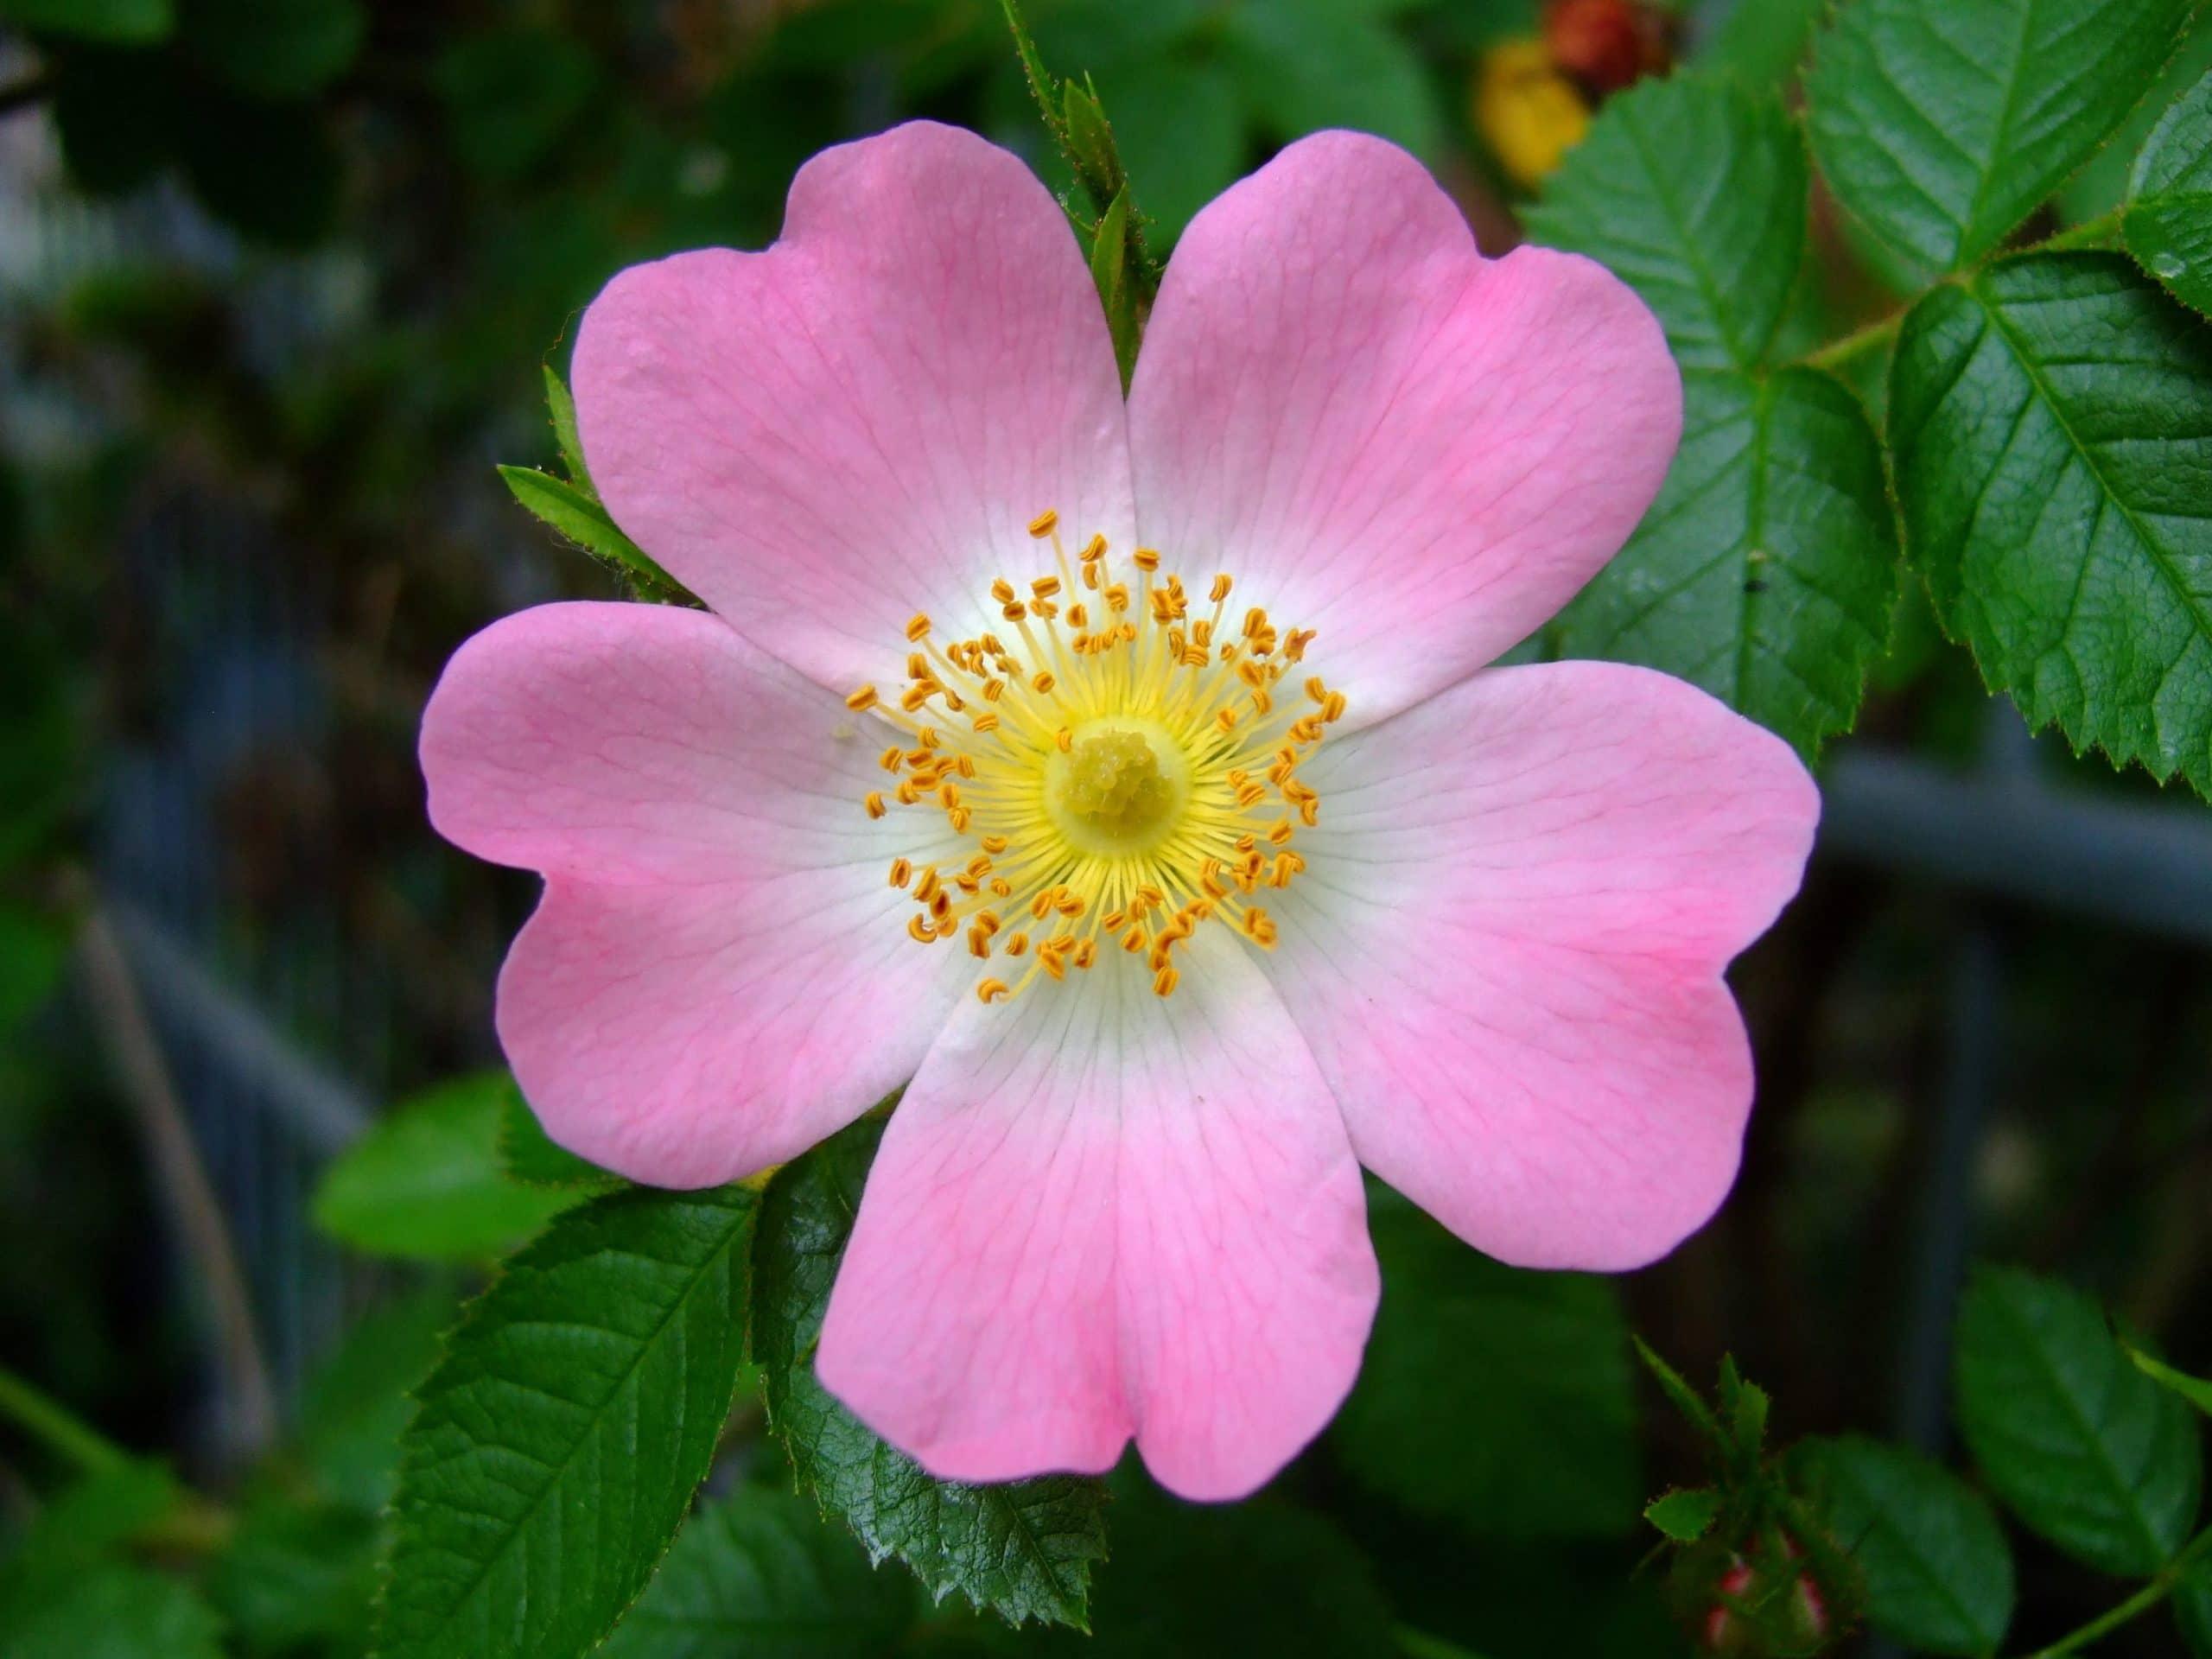 Rosa canina en flor